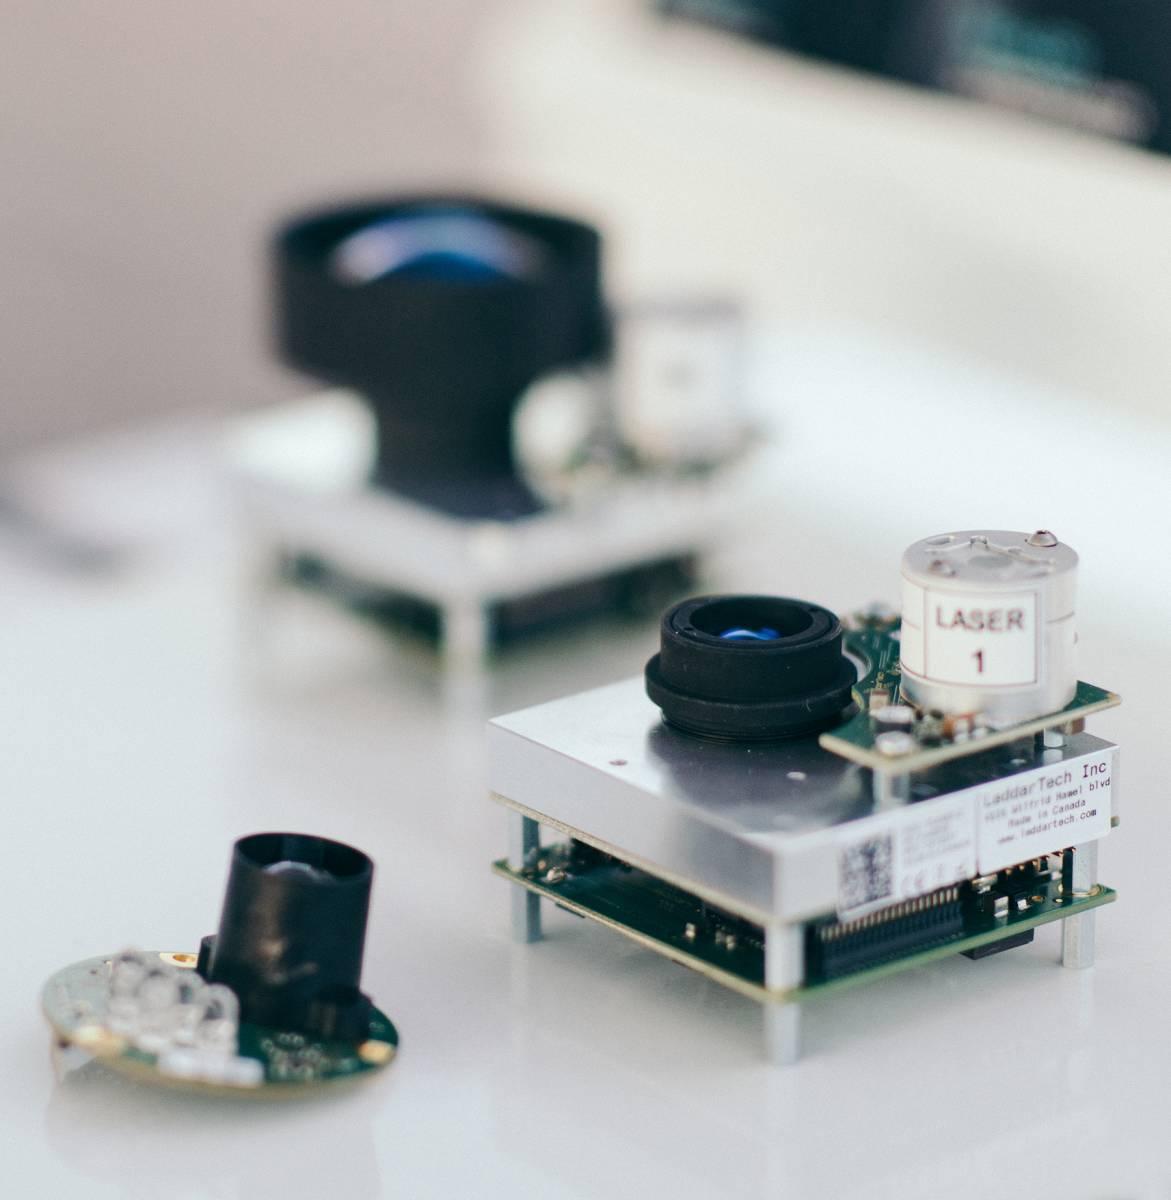 Solid State LiDAR sensor examples